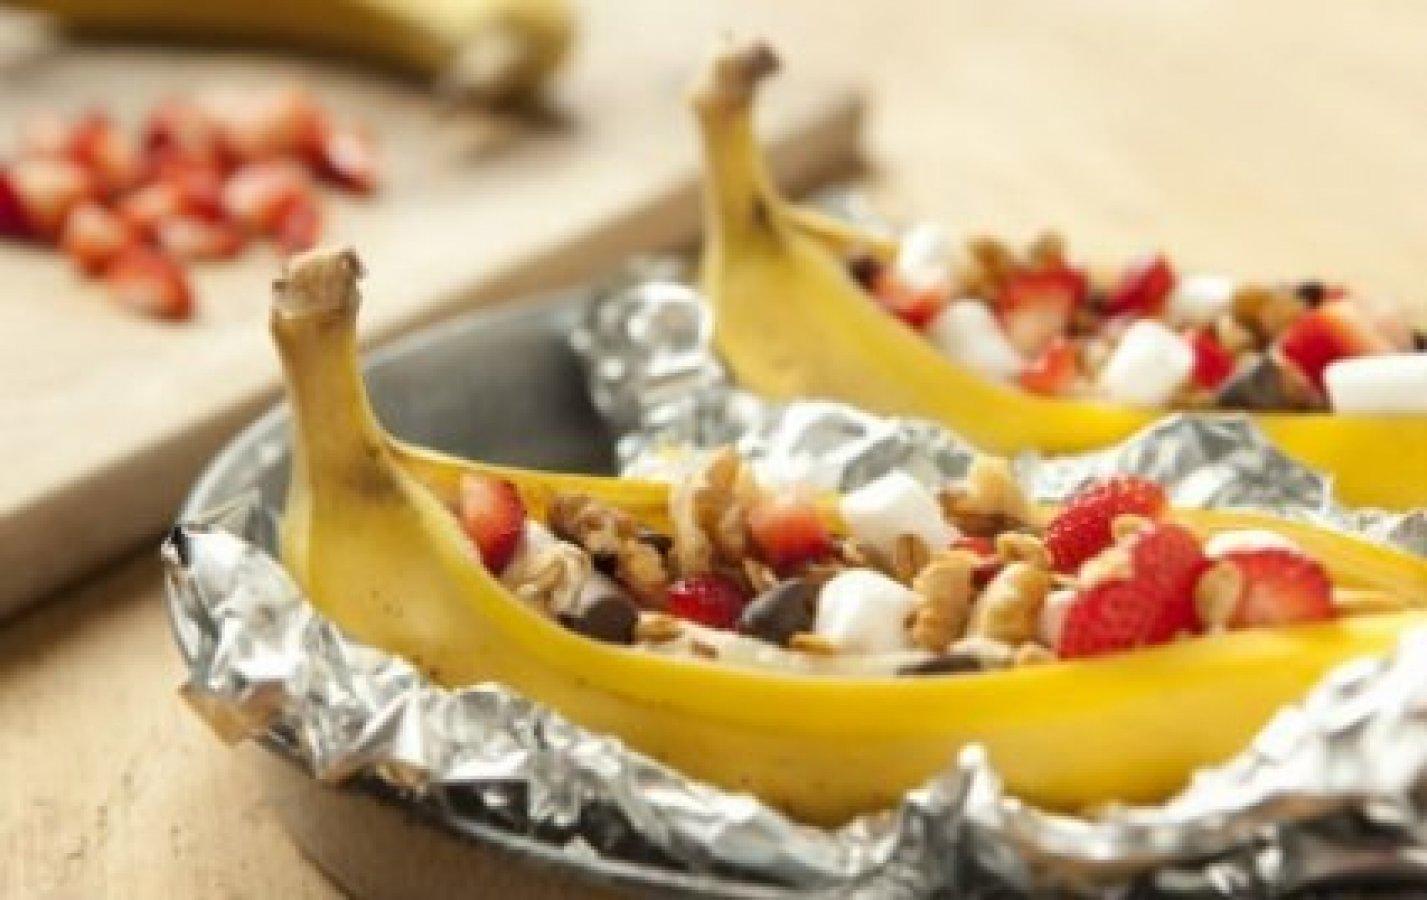 banana split, bananas split